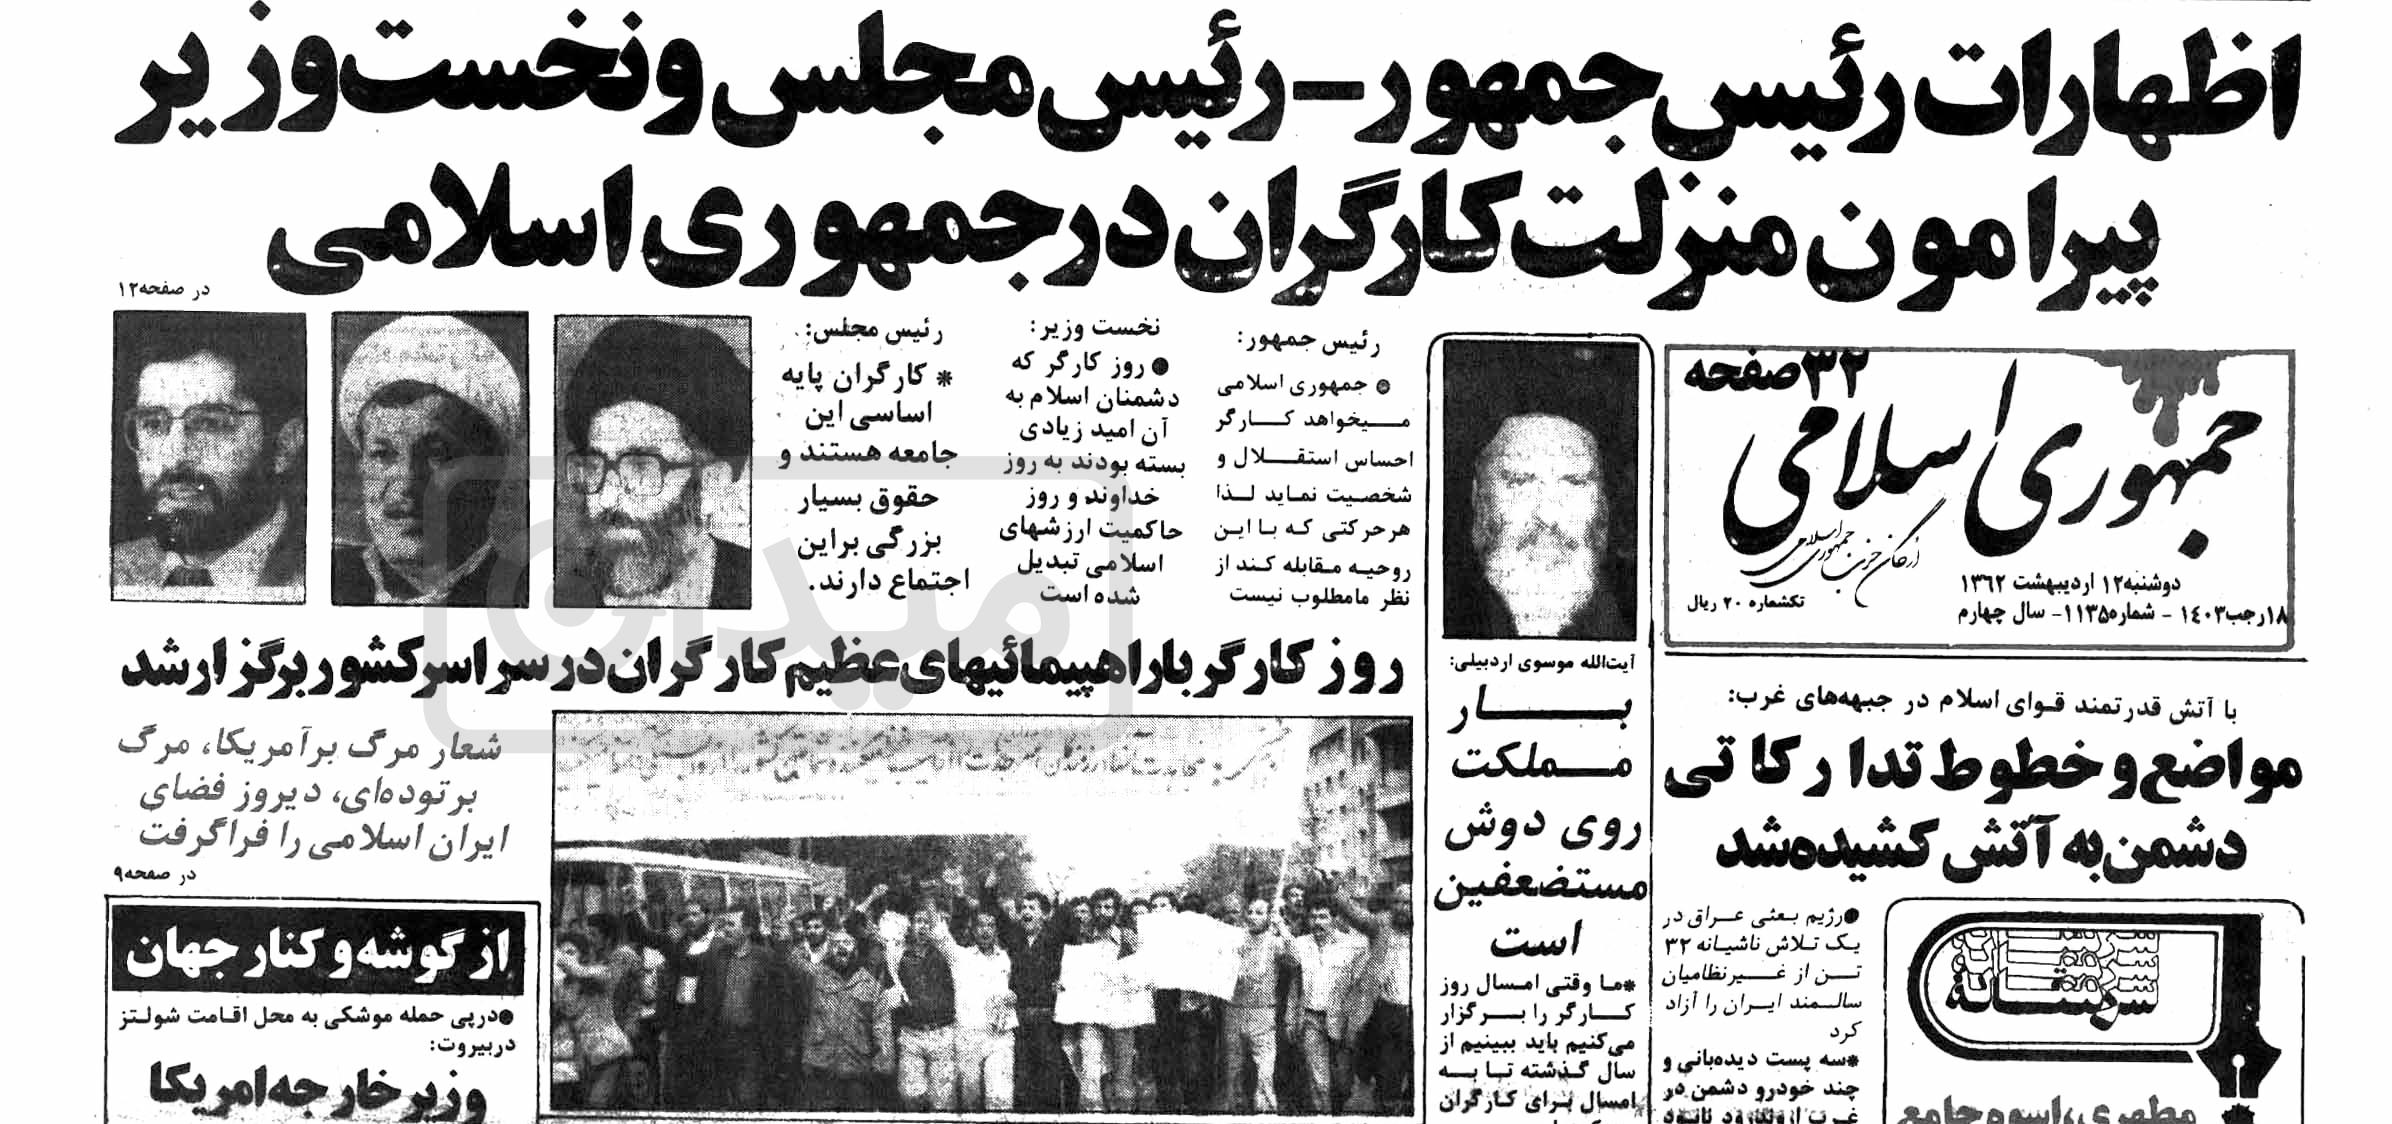 اردیبهشت ۶۲: منزلت کارگران در جمهوری اسلامی